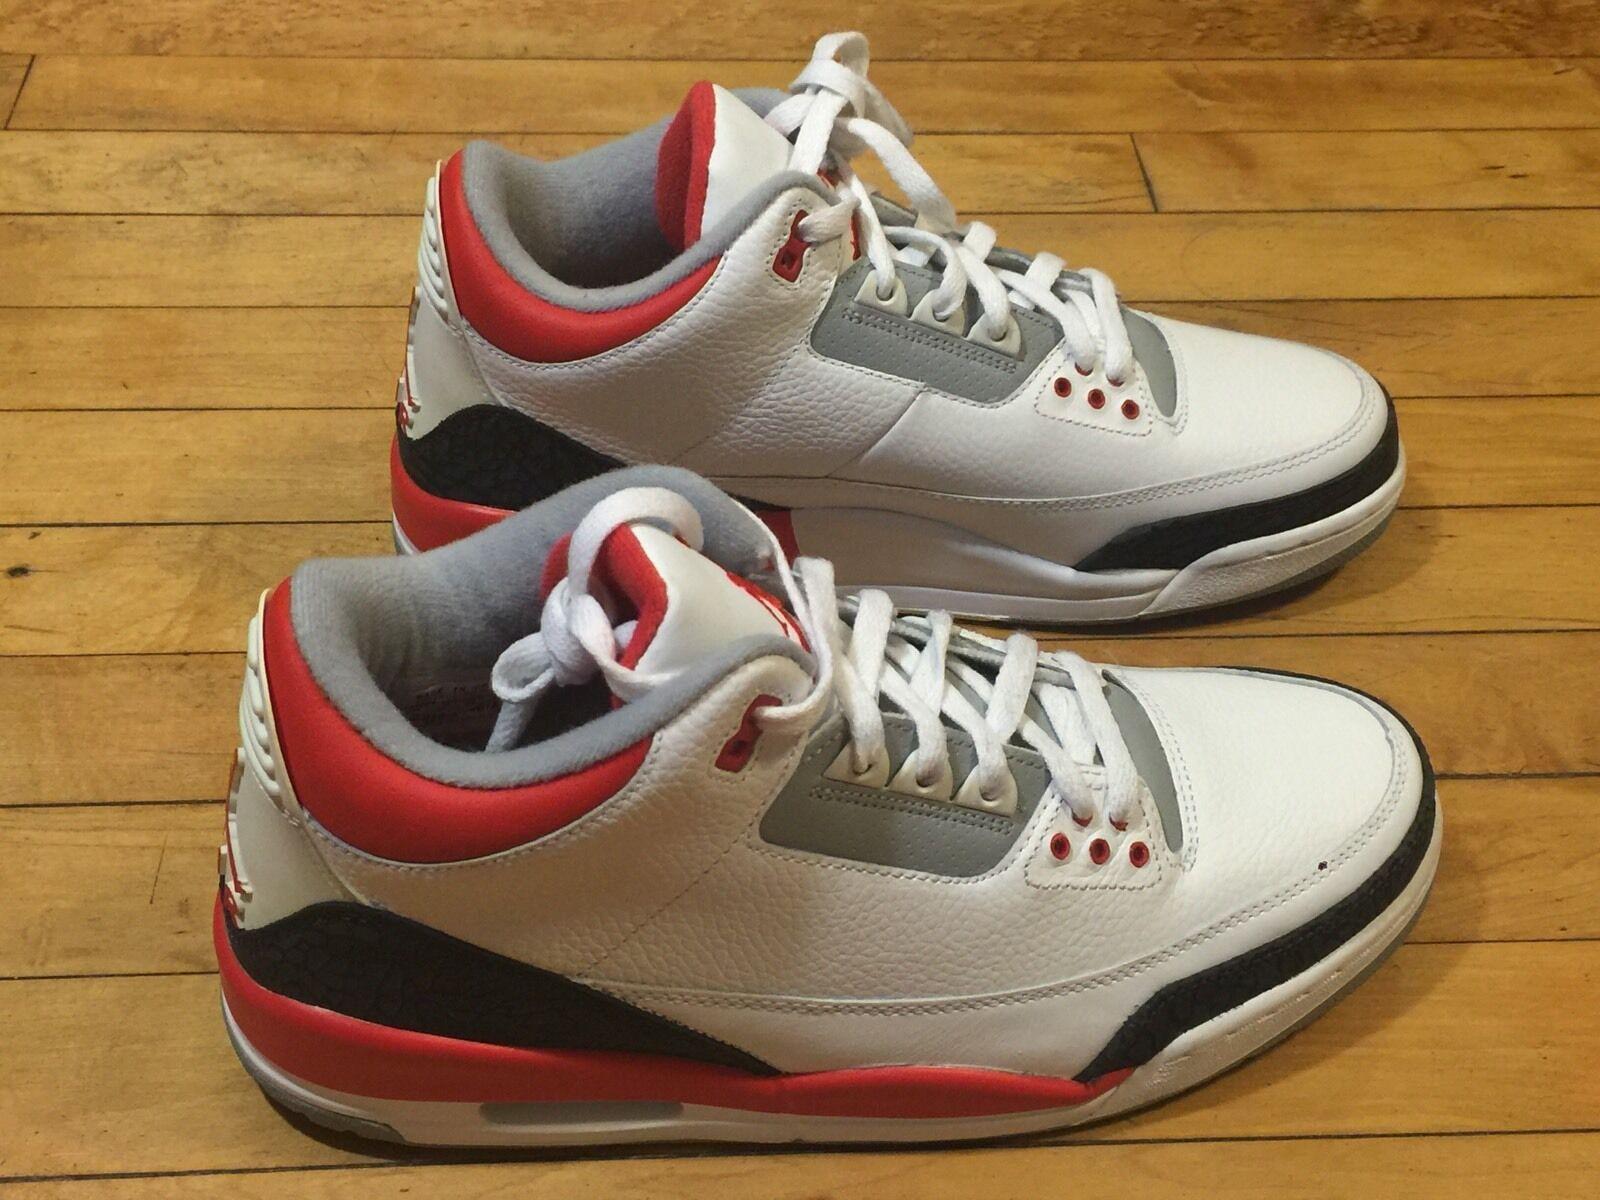 quality design 3d387 25b47 Nike Air Jordan 3 retro 136064-161 talla talla talla 11 rojo fuego Oregon  DB Lab WC3 BC3 el modelo mas vendido de la marca fd133b